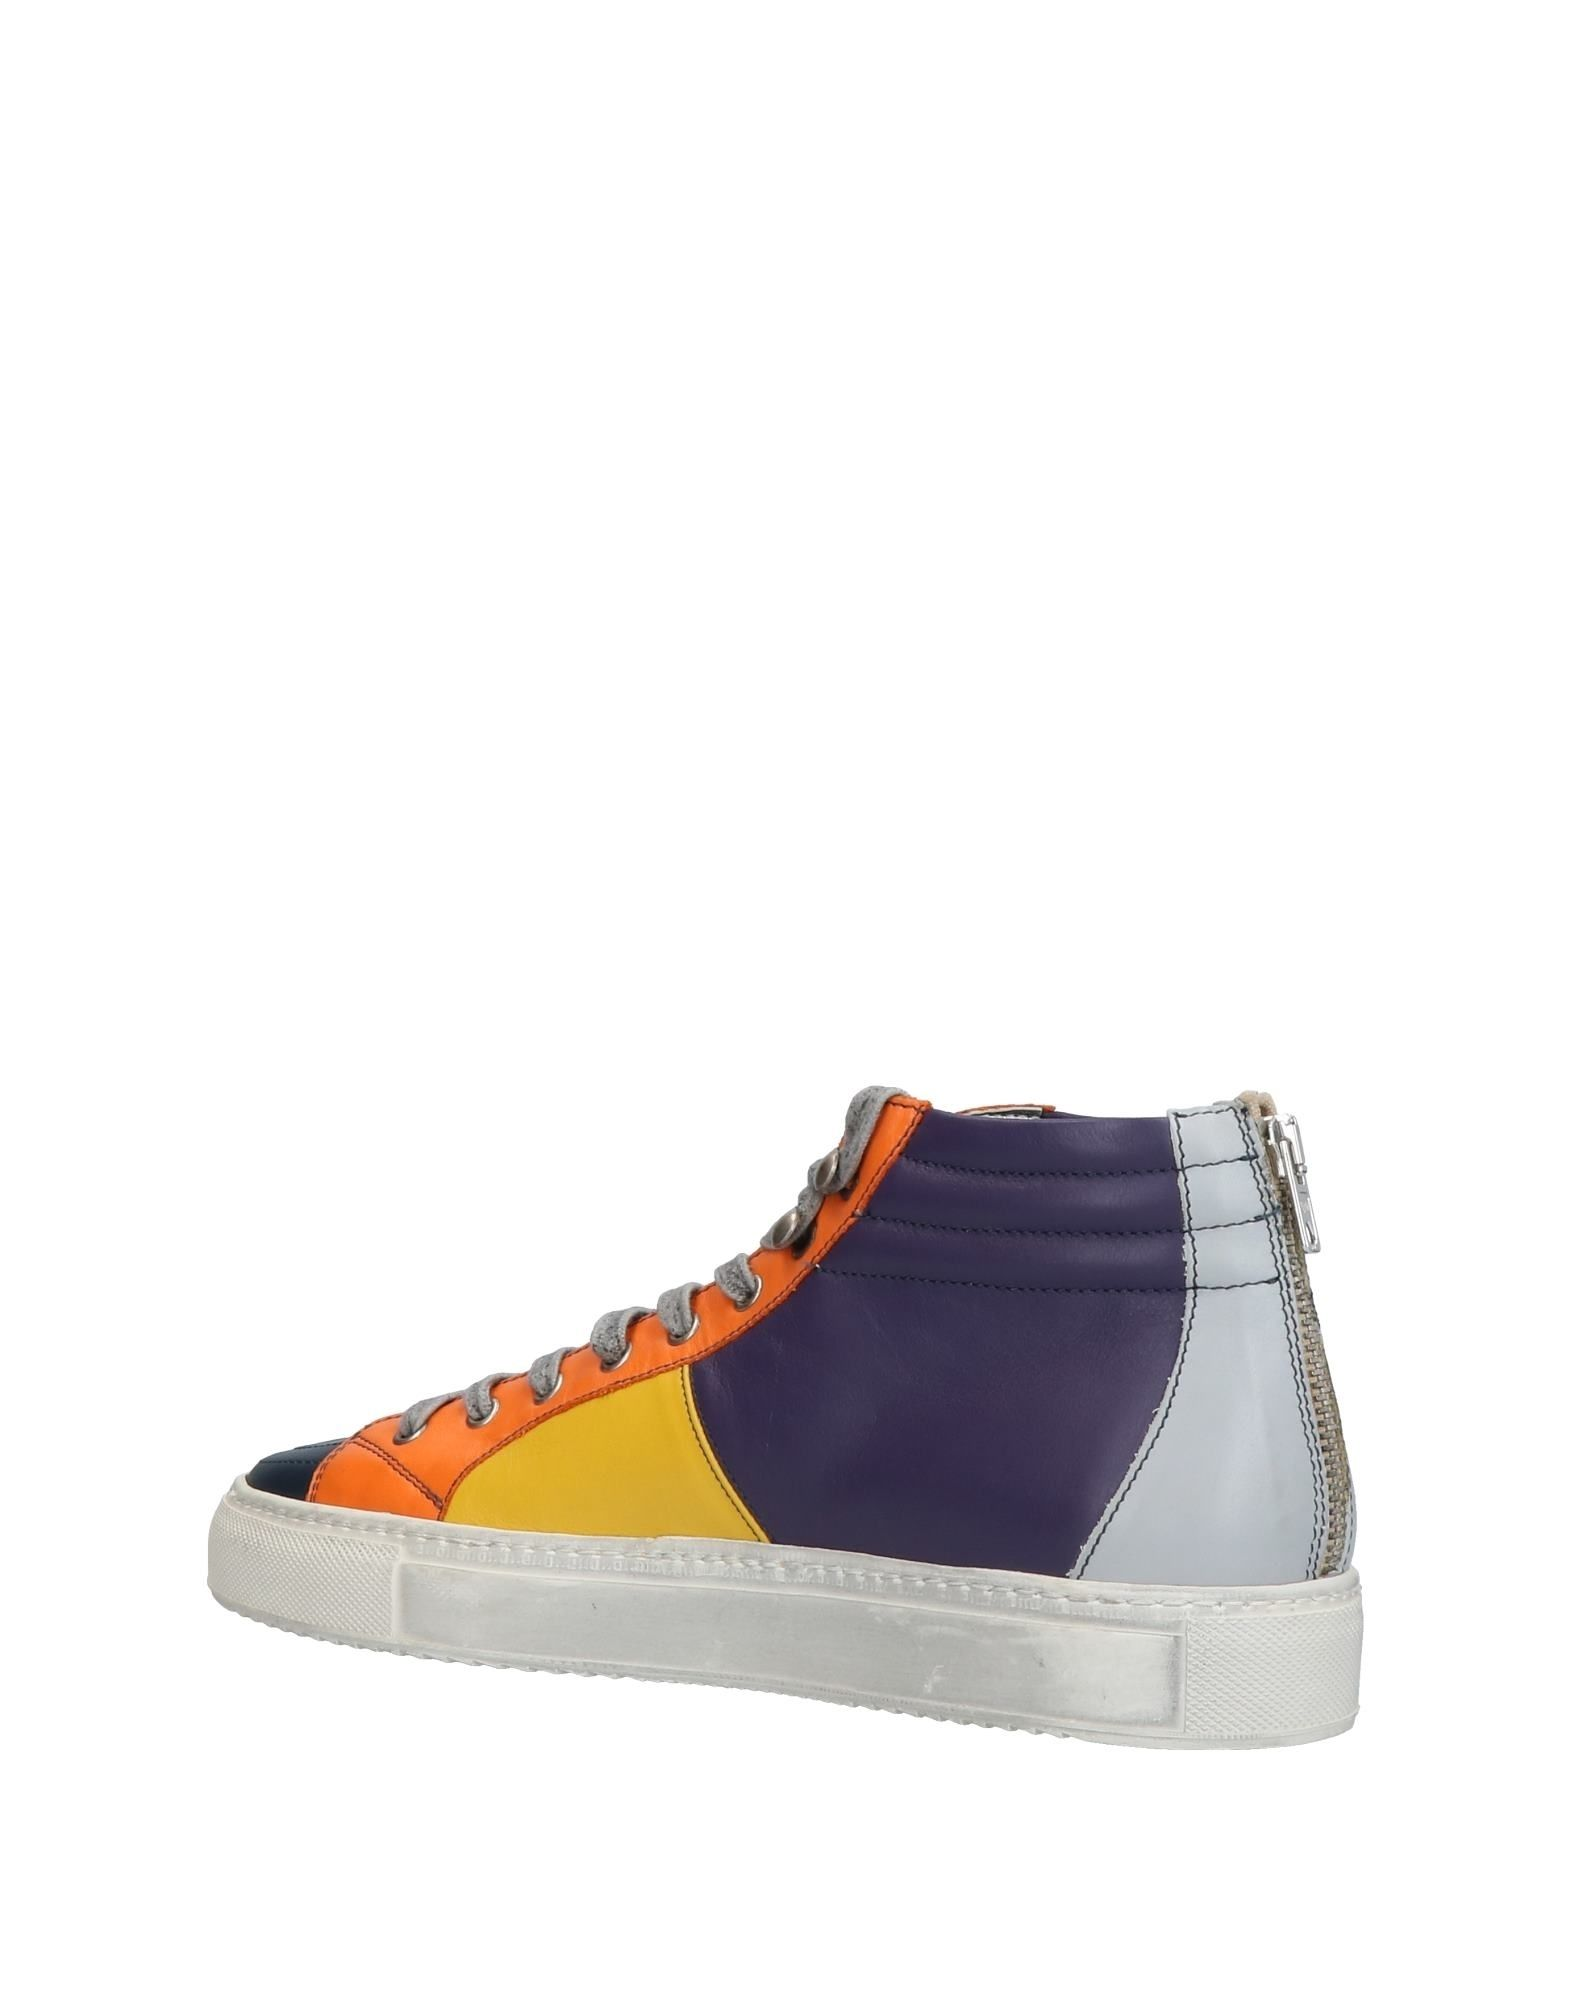 P448 Sneakers Schuhe Herren  11353253HH Heiße Schuhe Sneakers 949dcc